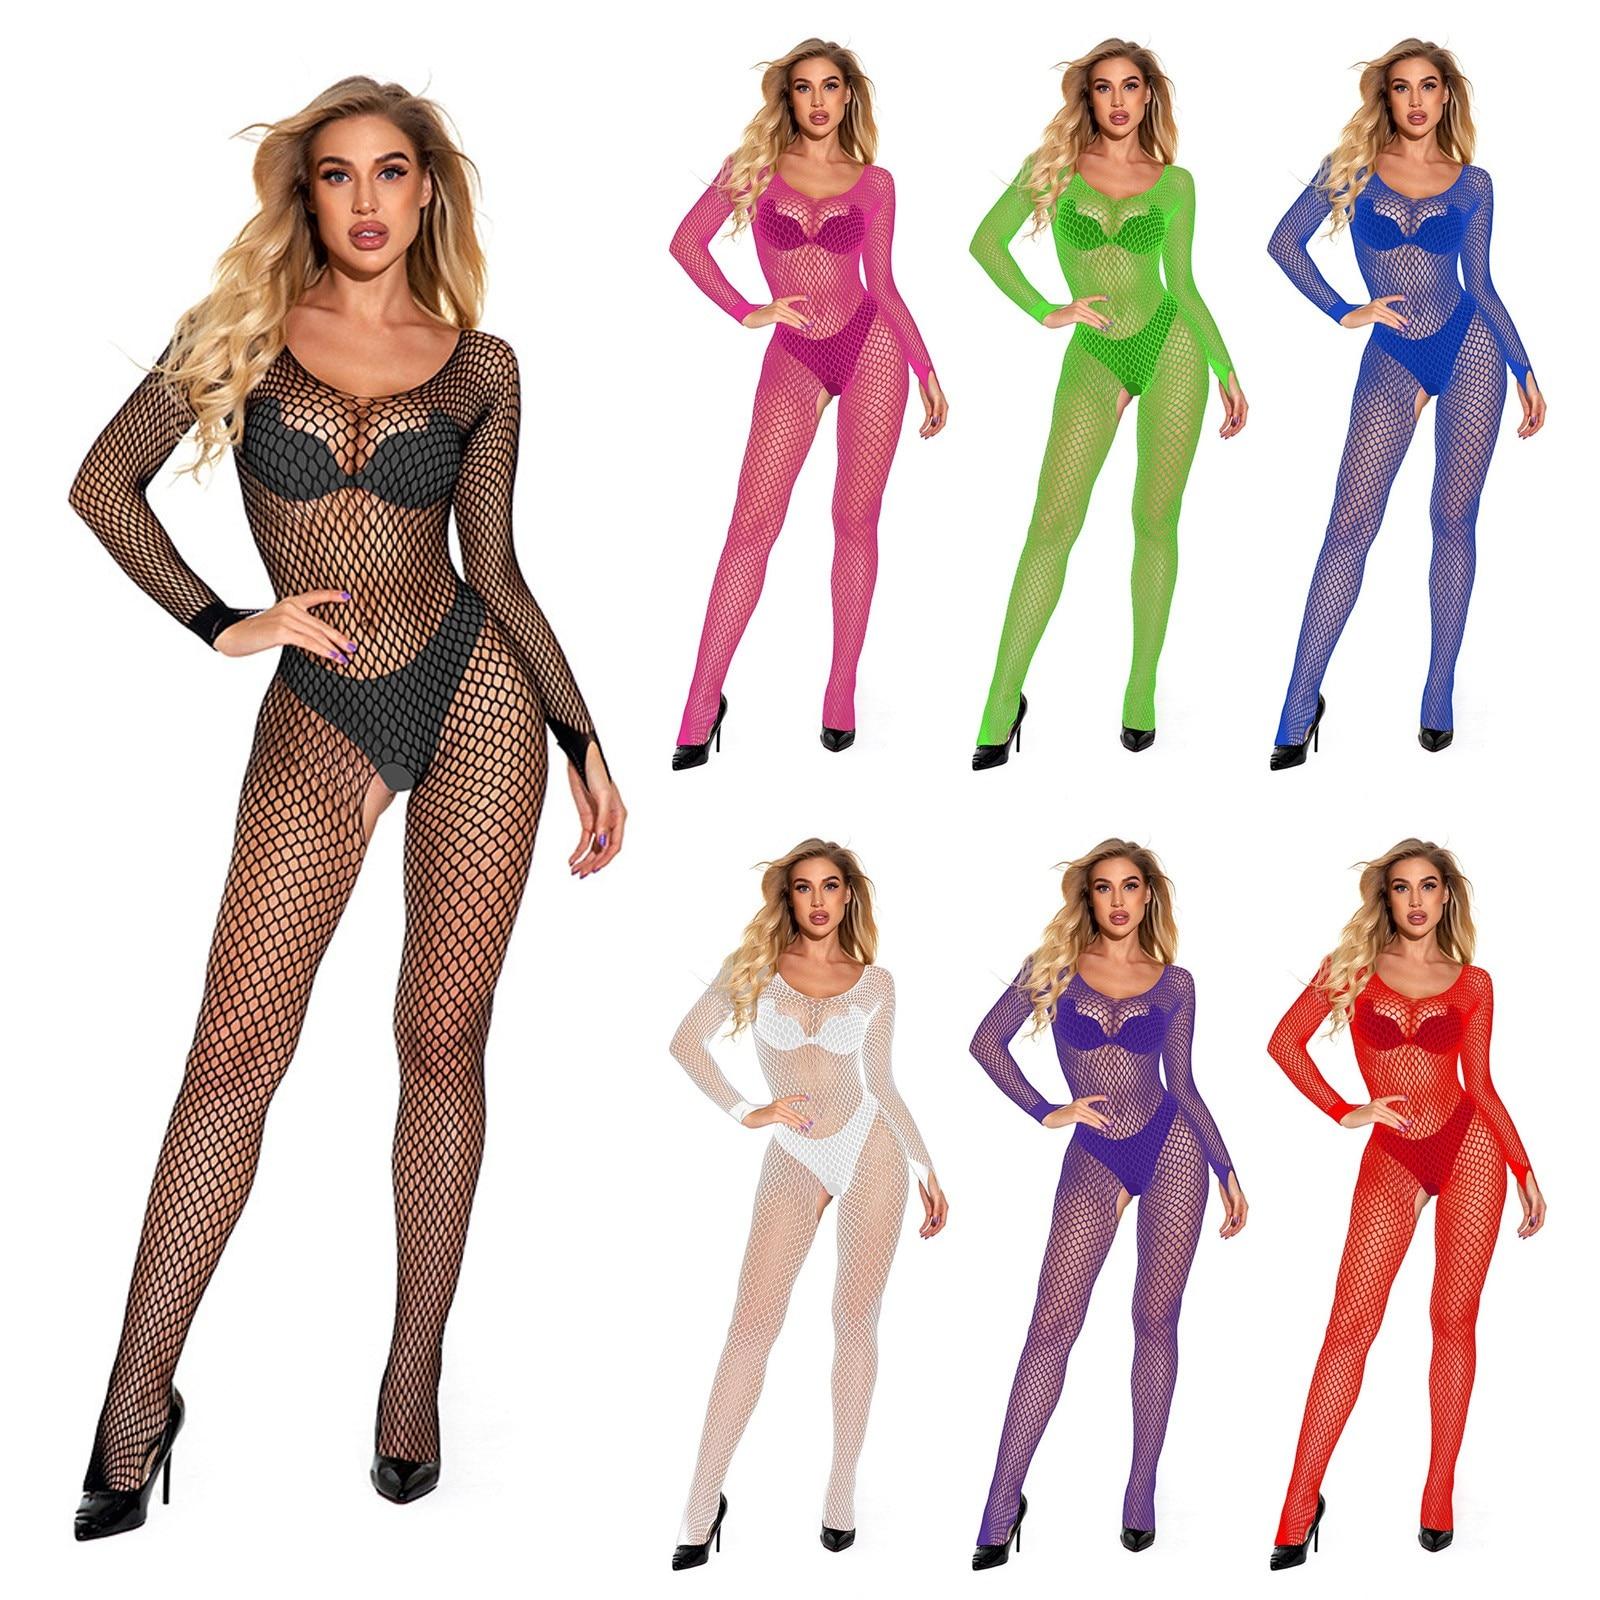 Sexy Women Fishnet Babydoll Lingerie Underwear Nightwear Sleepwear Bodysuit new style Ladies erotic